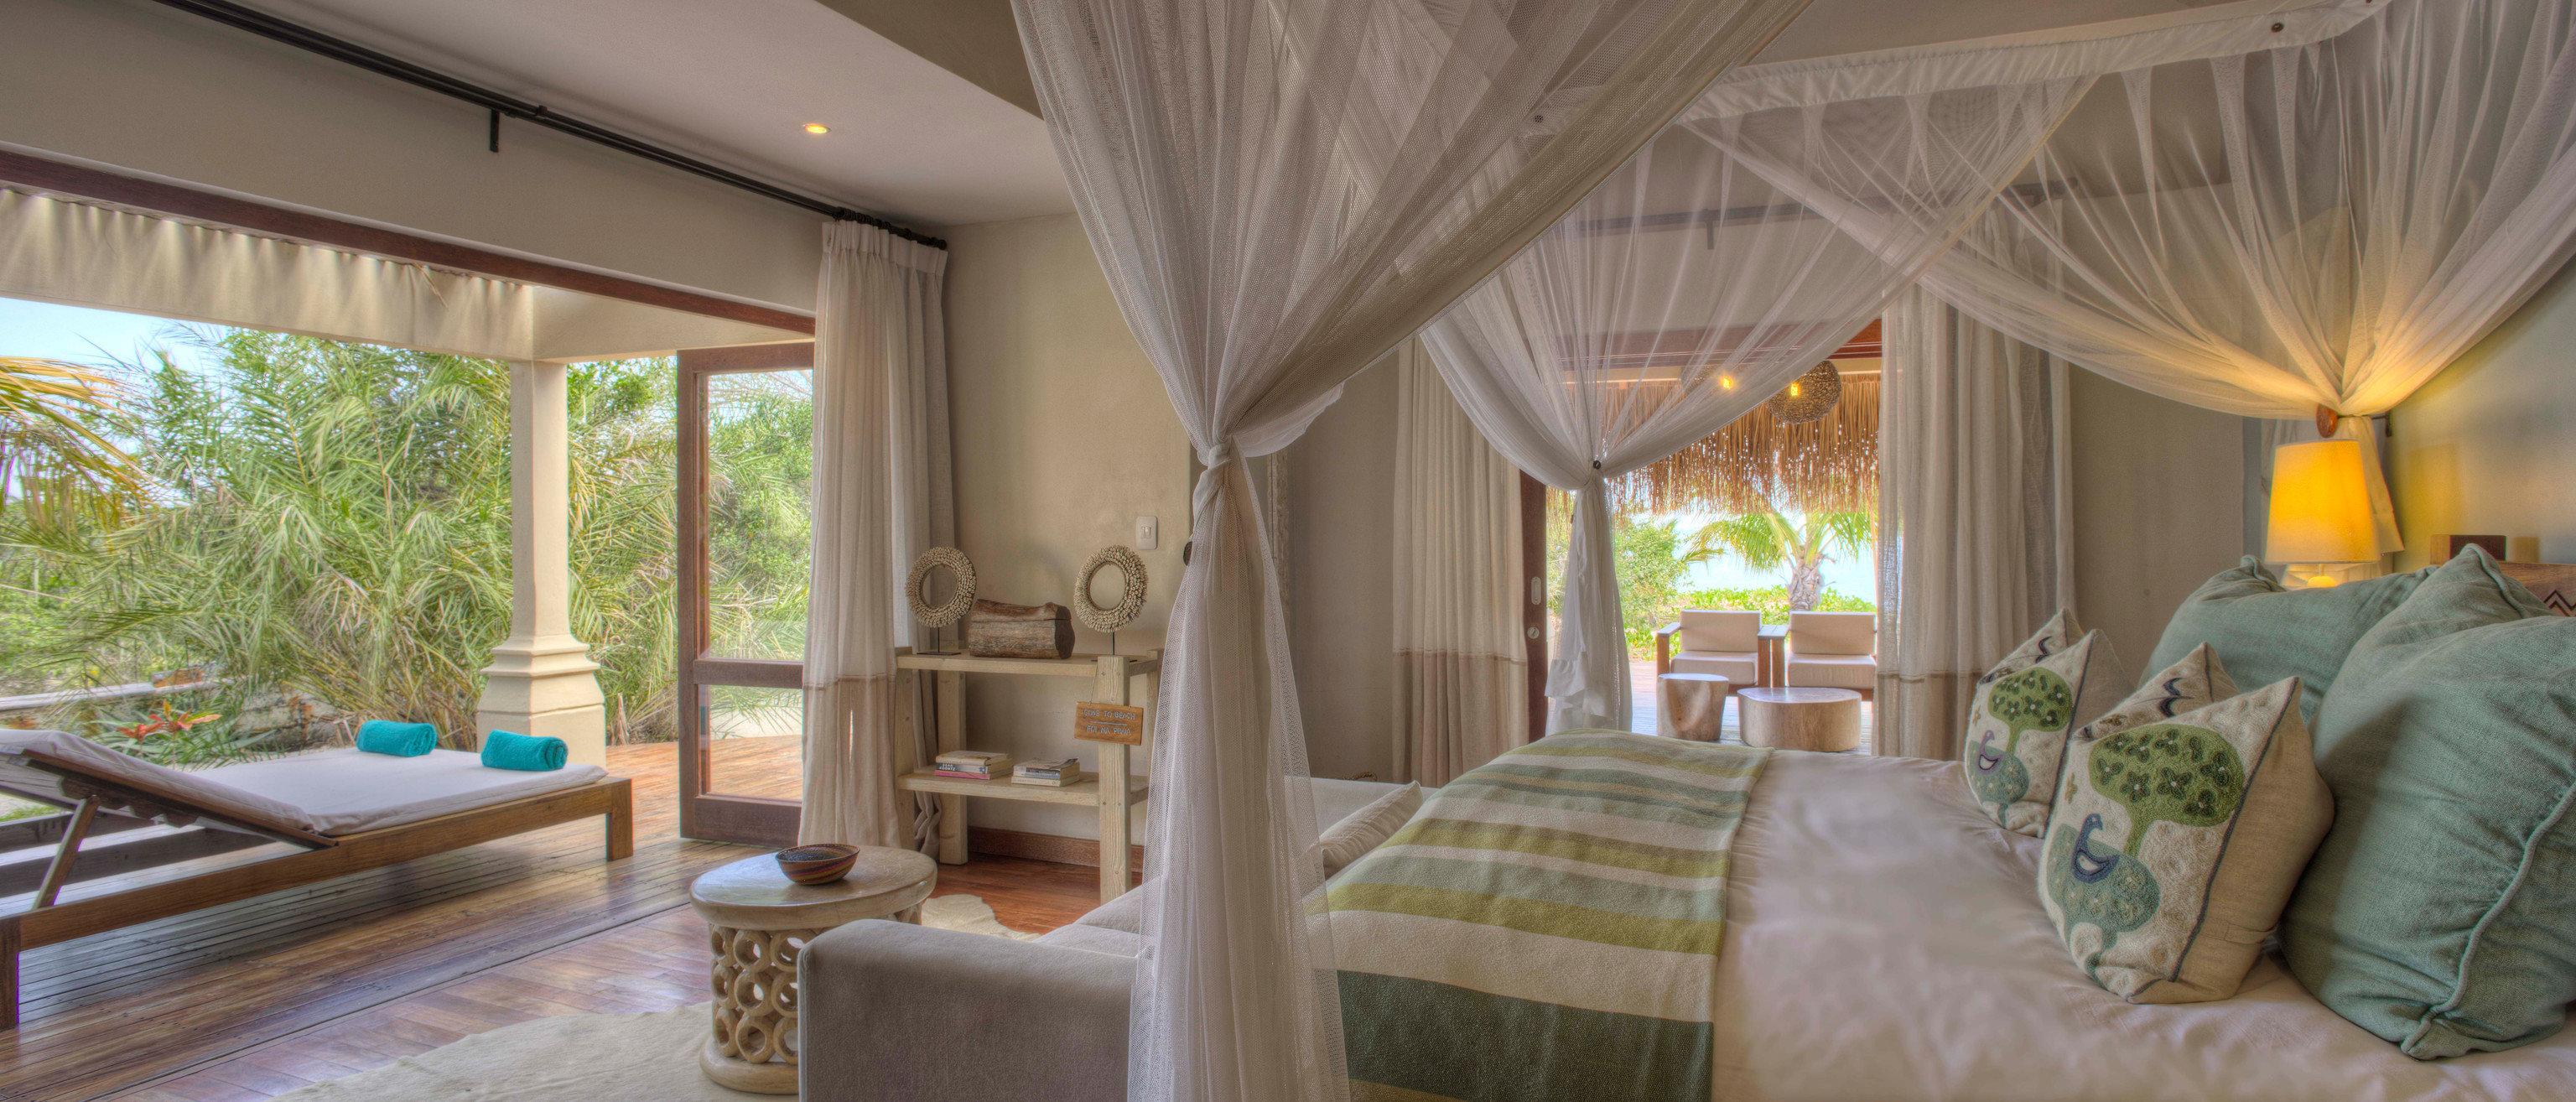 property Resort Villa cottage home living room Suite mansion Bedroom eco hotel